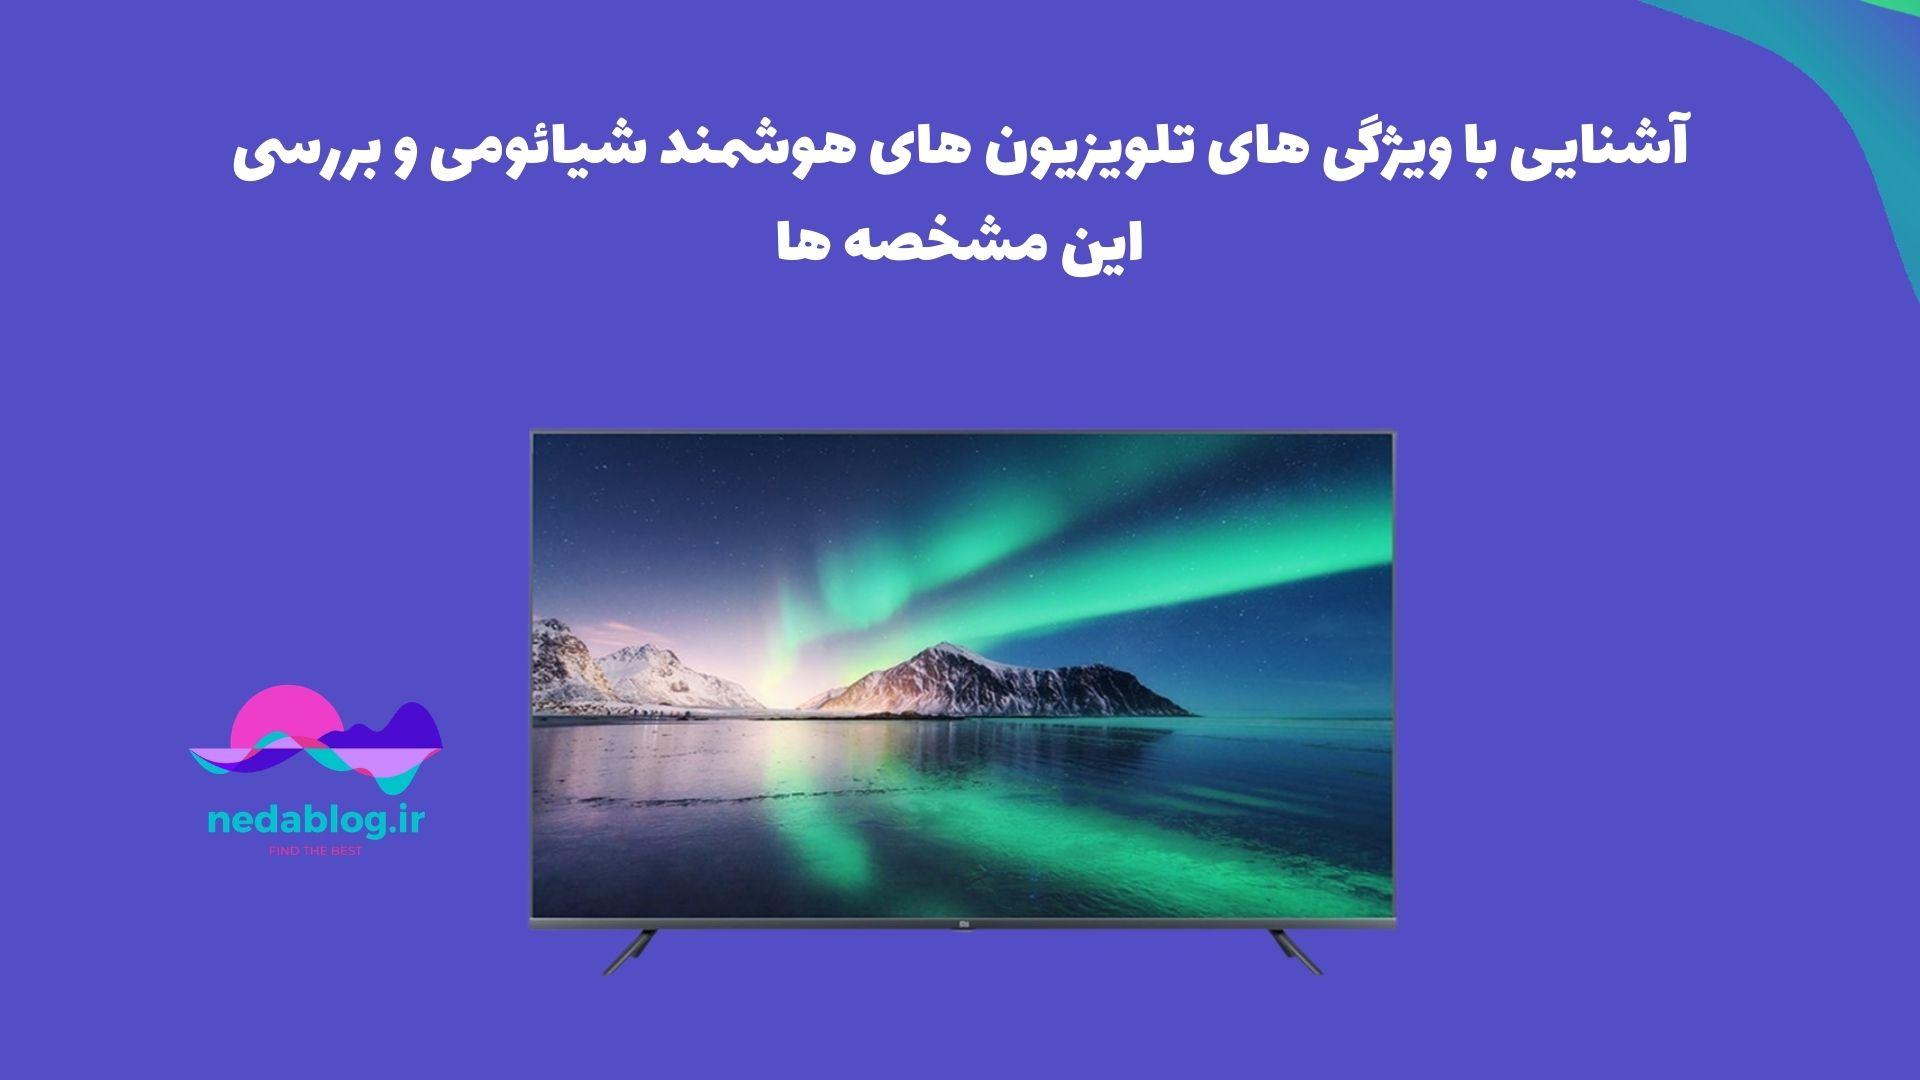 آشنایی با ویژگی های تلویزیون های هوشمند شیائومی و بررسی این مشخصه ها